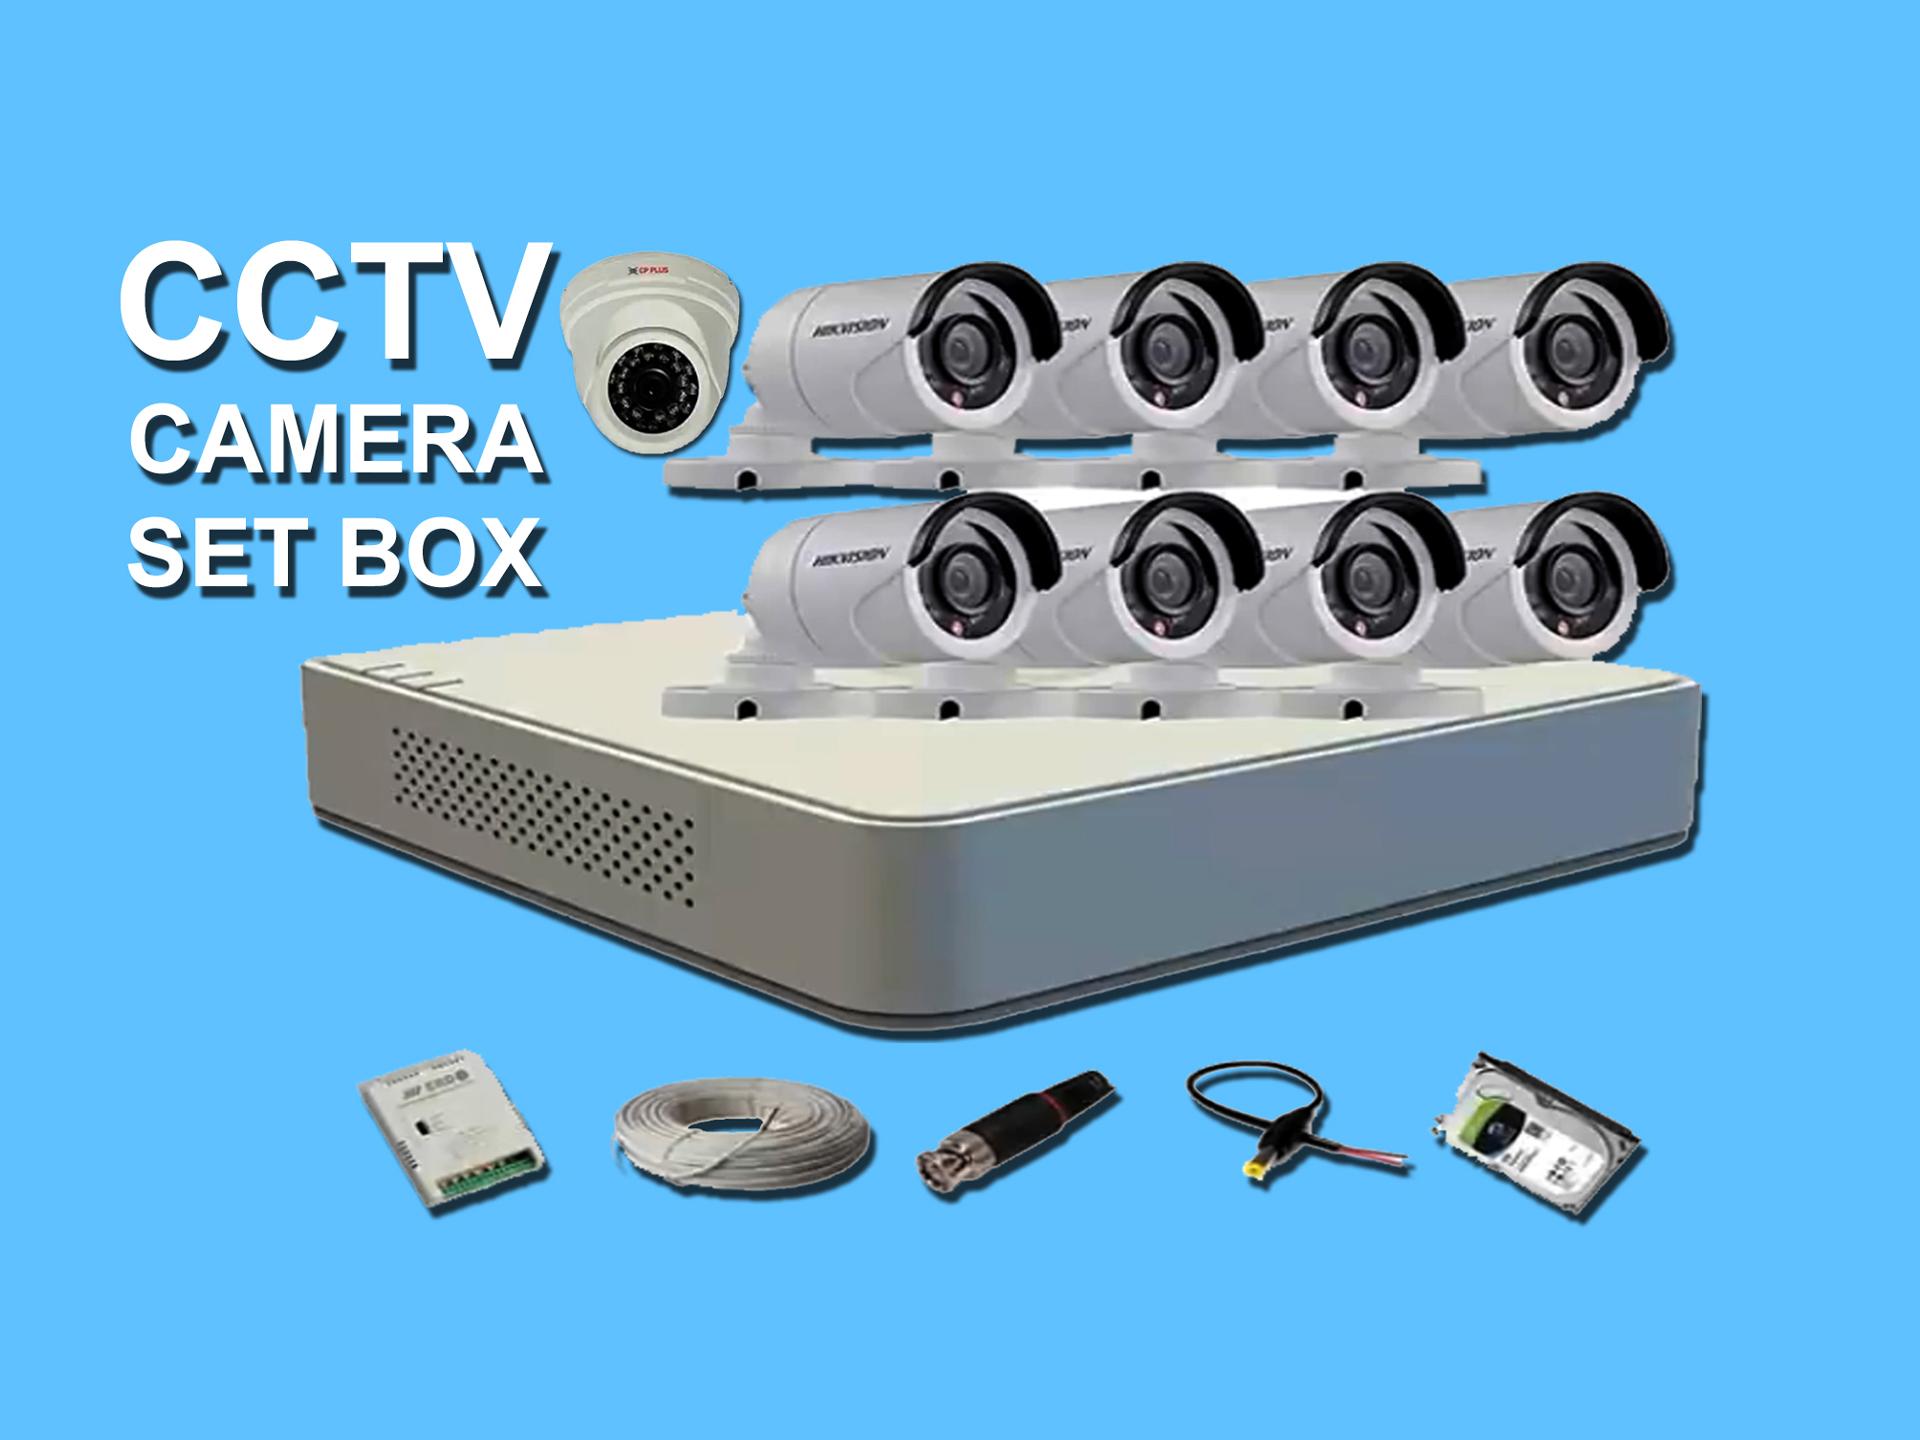 cctv camera-সিসি টিভি ক্যামেরা